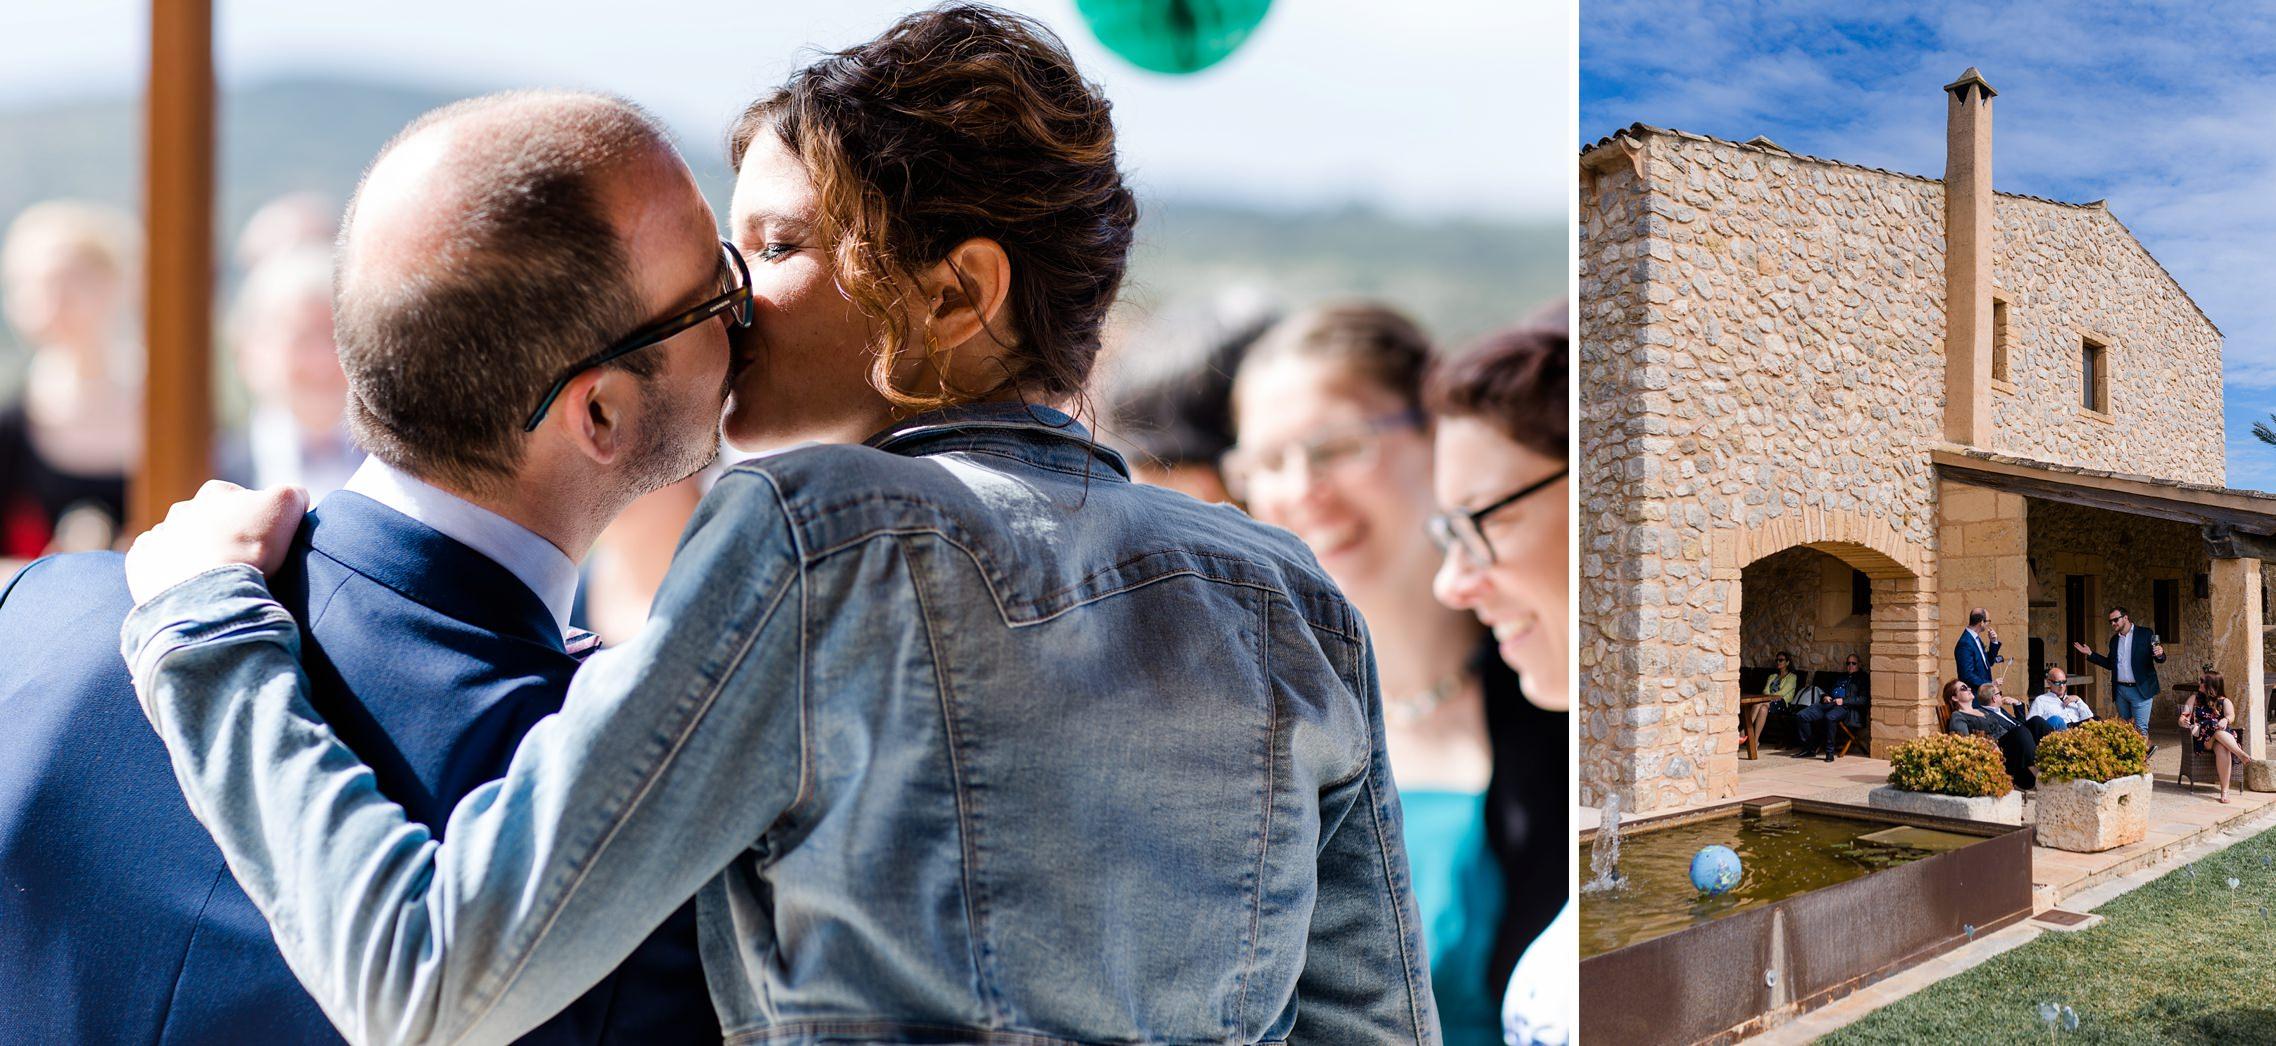 Spontaner Kuss des Hochzeitspaares auf der Finca-Hochzeit auf Mallorca